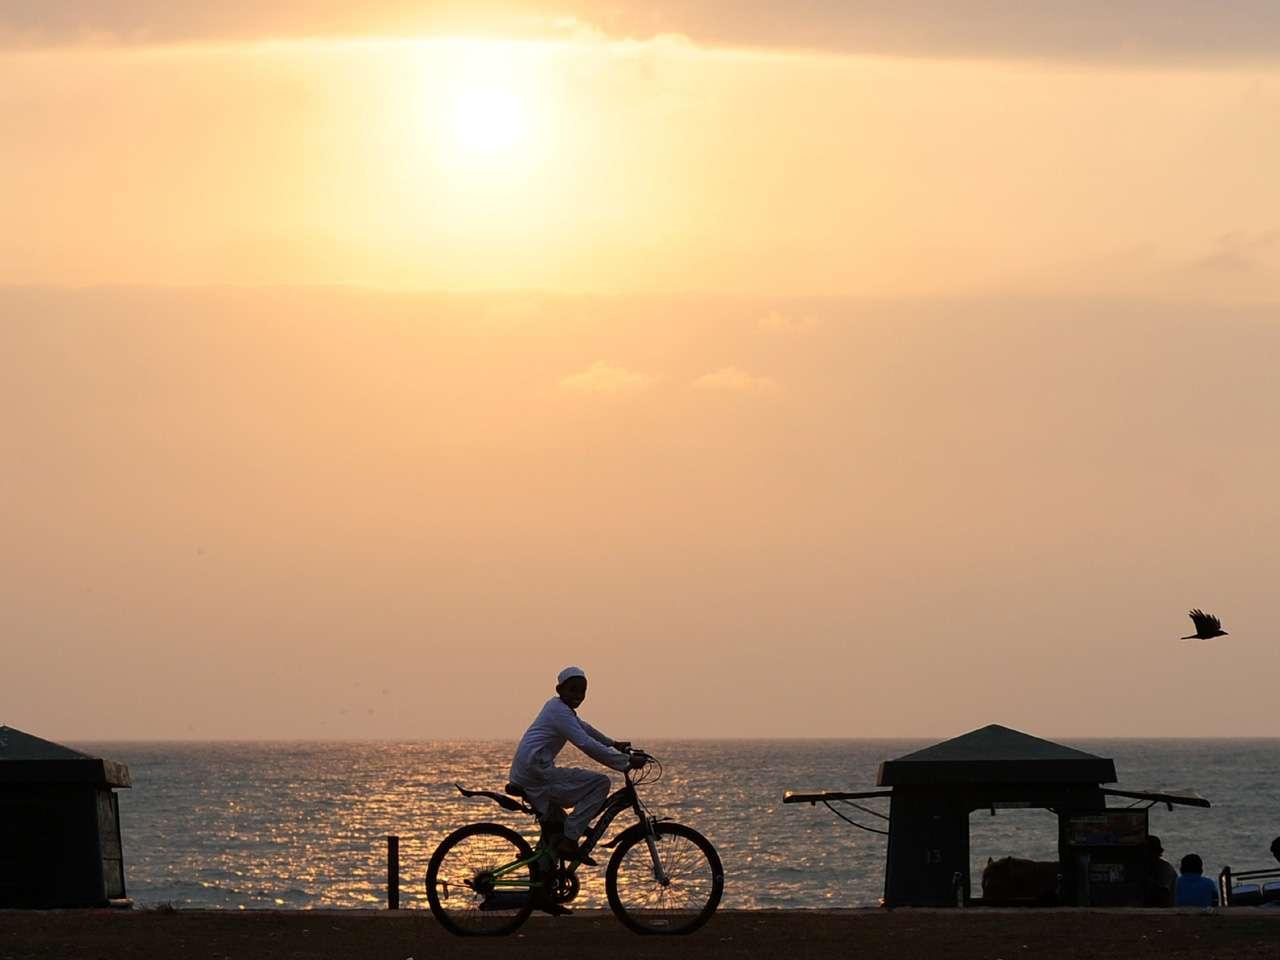 Jóvenes disfrutan de un atardecer en la playa Galle Face en Colombo, Sri Lanka Foto: AFP en español